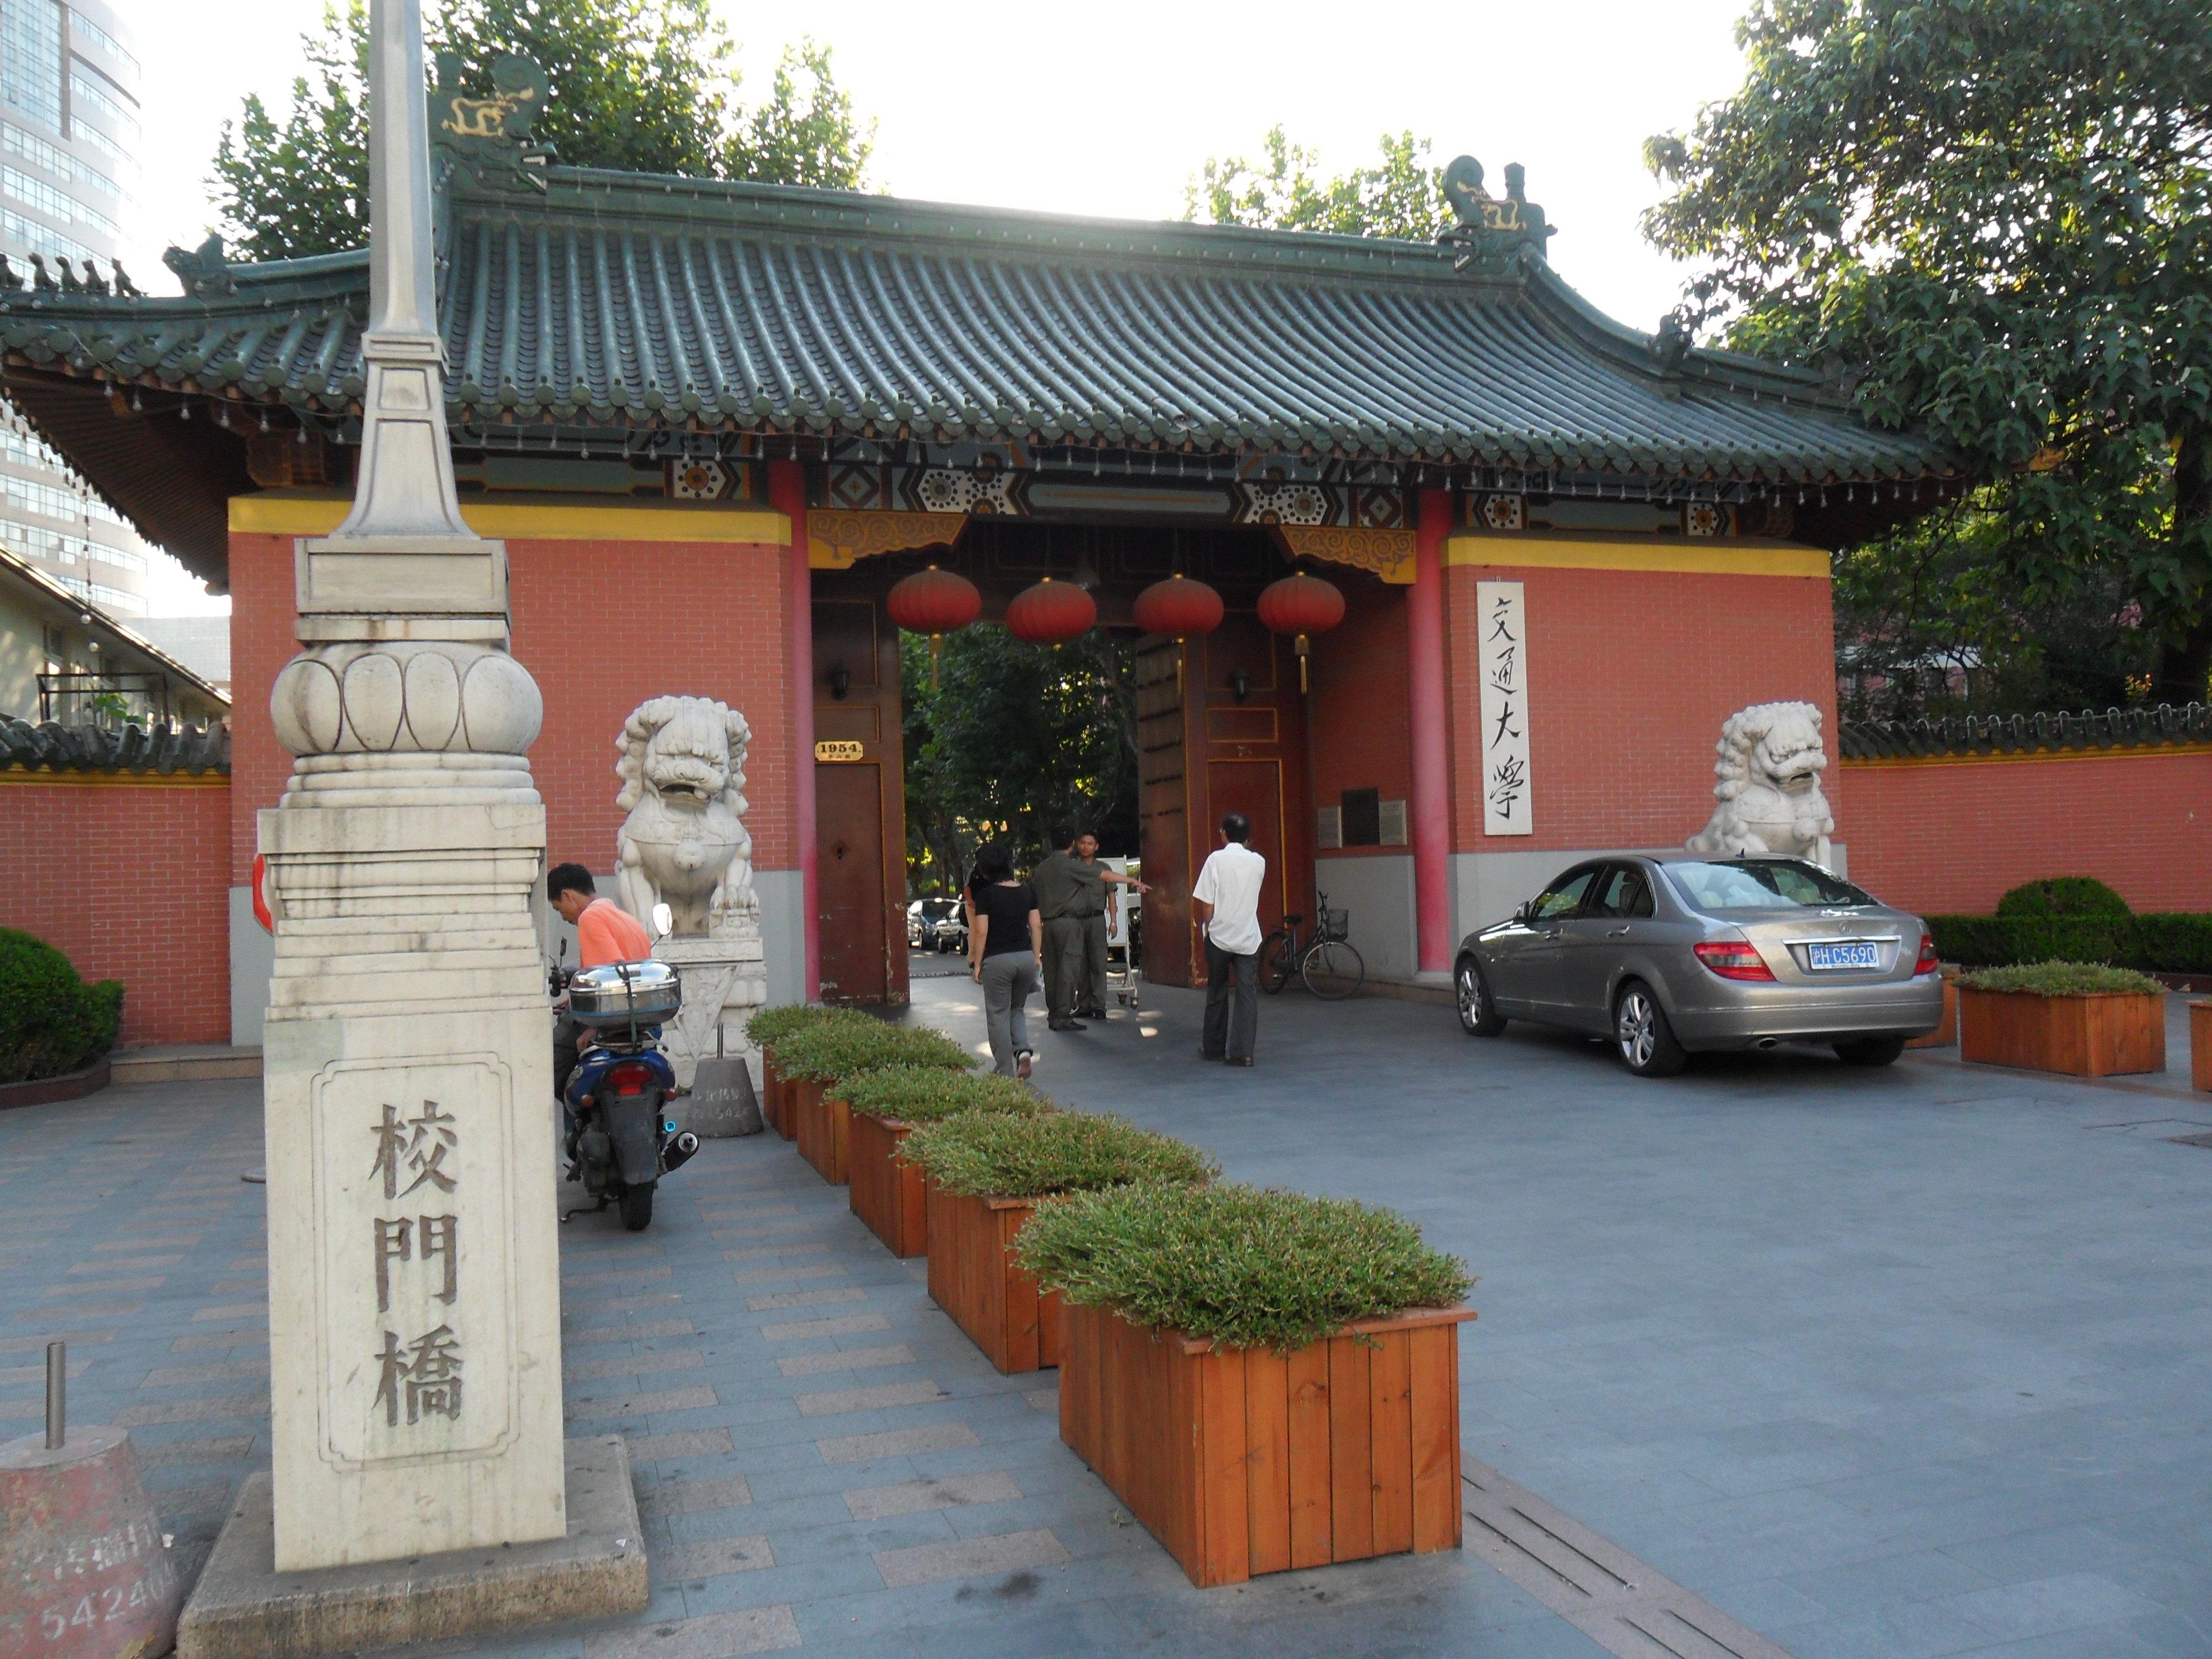 上海交大校园图片_上海交通大学风景_风景520